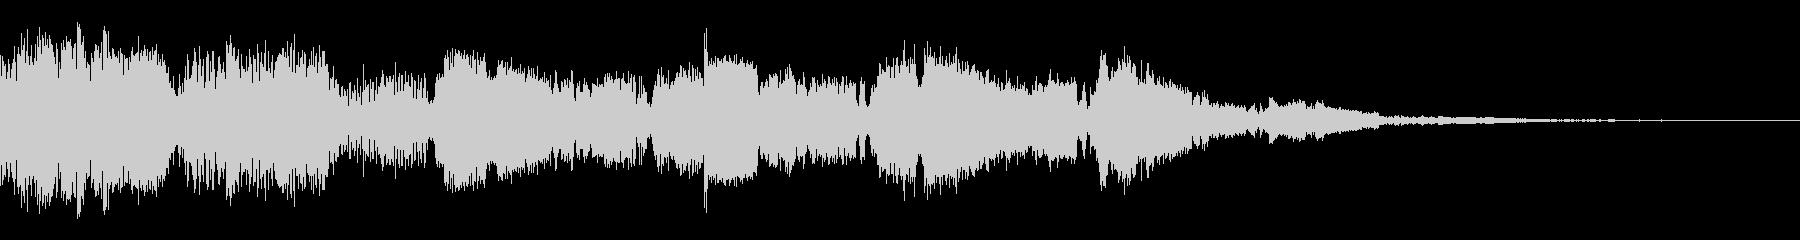 システム音(キラキラの未再生の波形